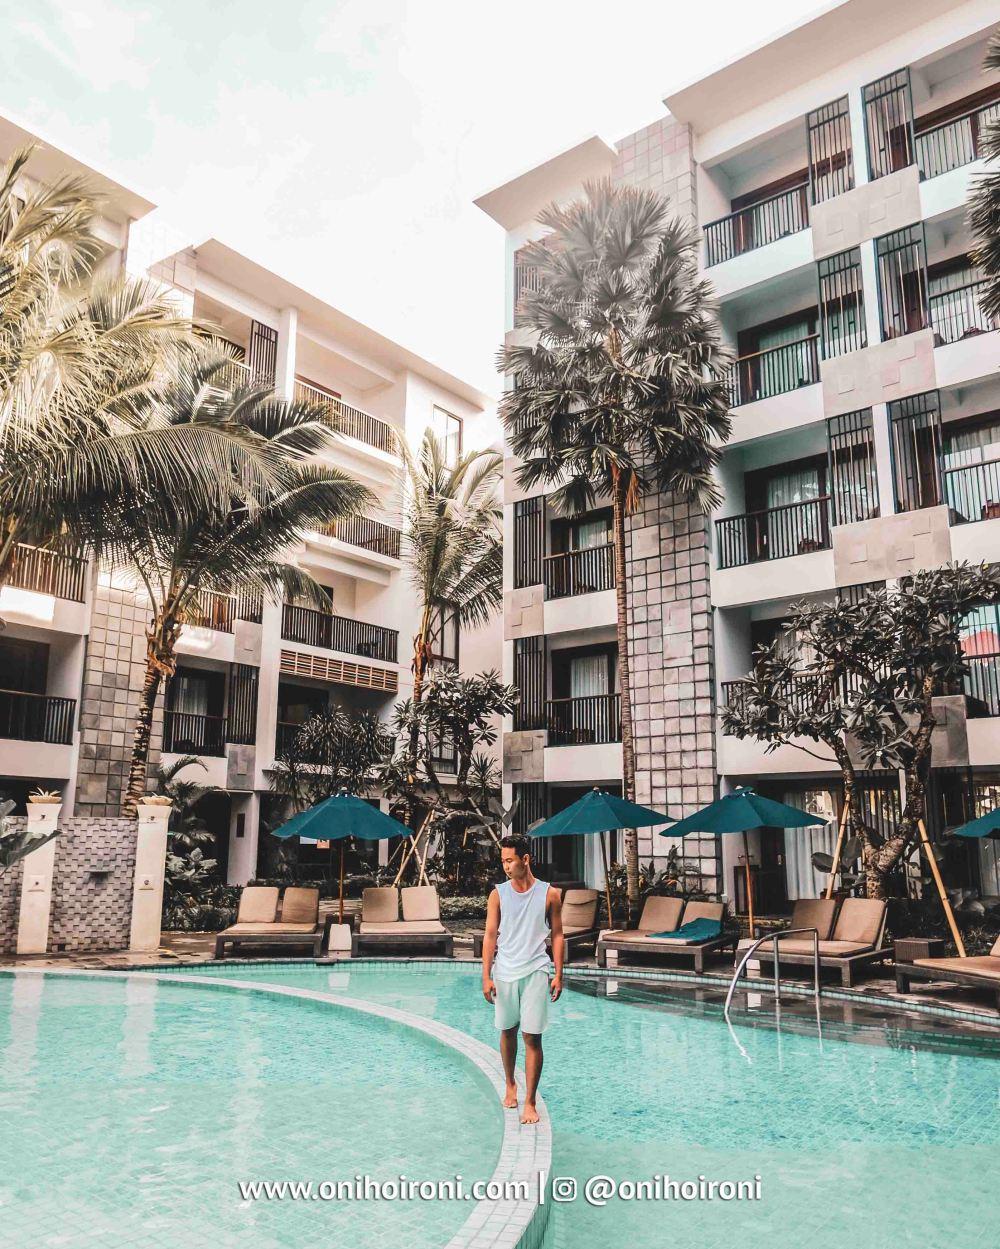 14 Swimming Pool Courtyard Seminyak